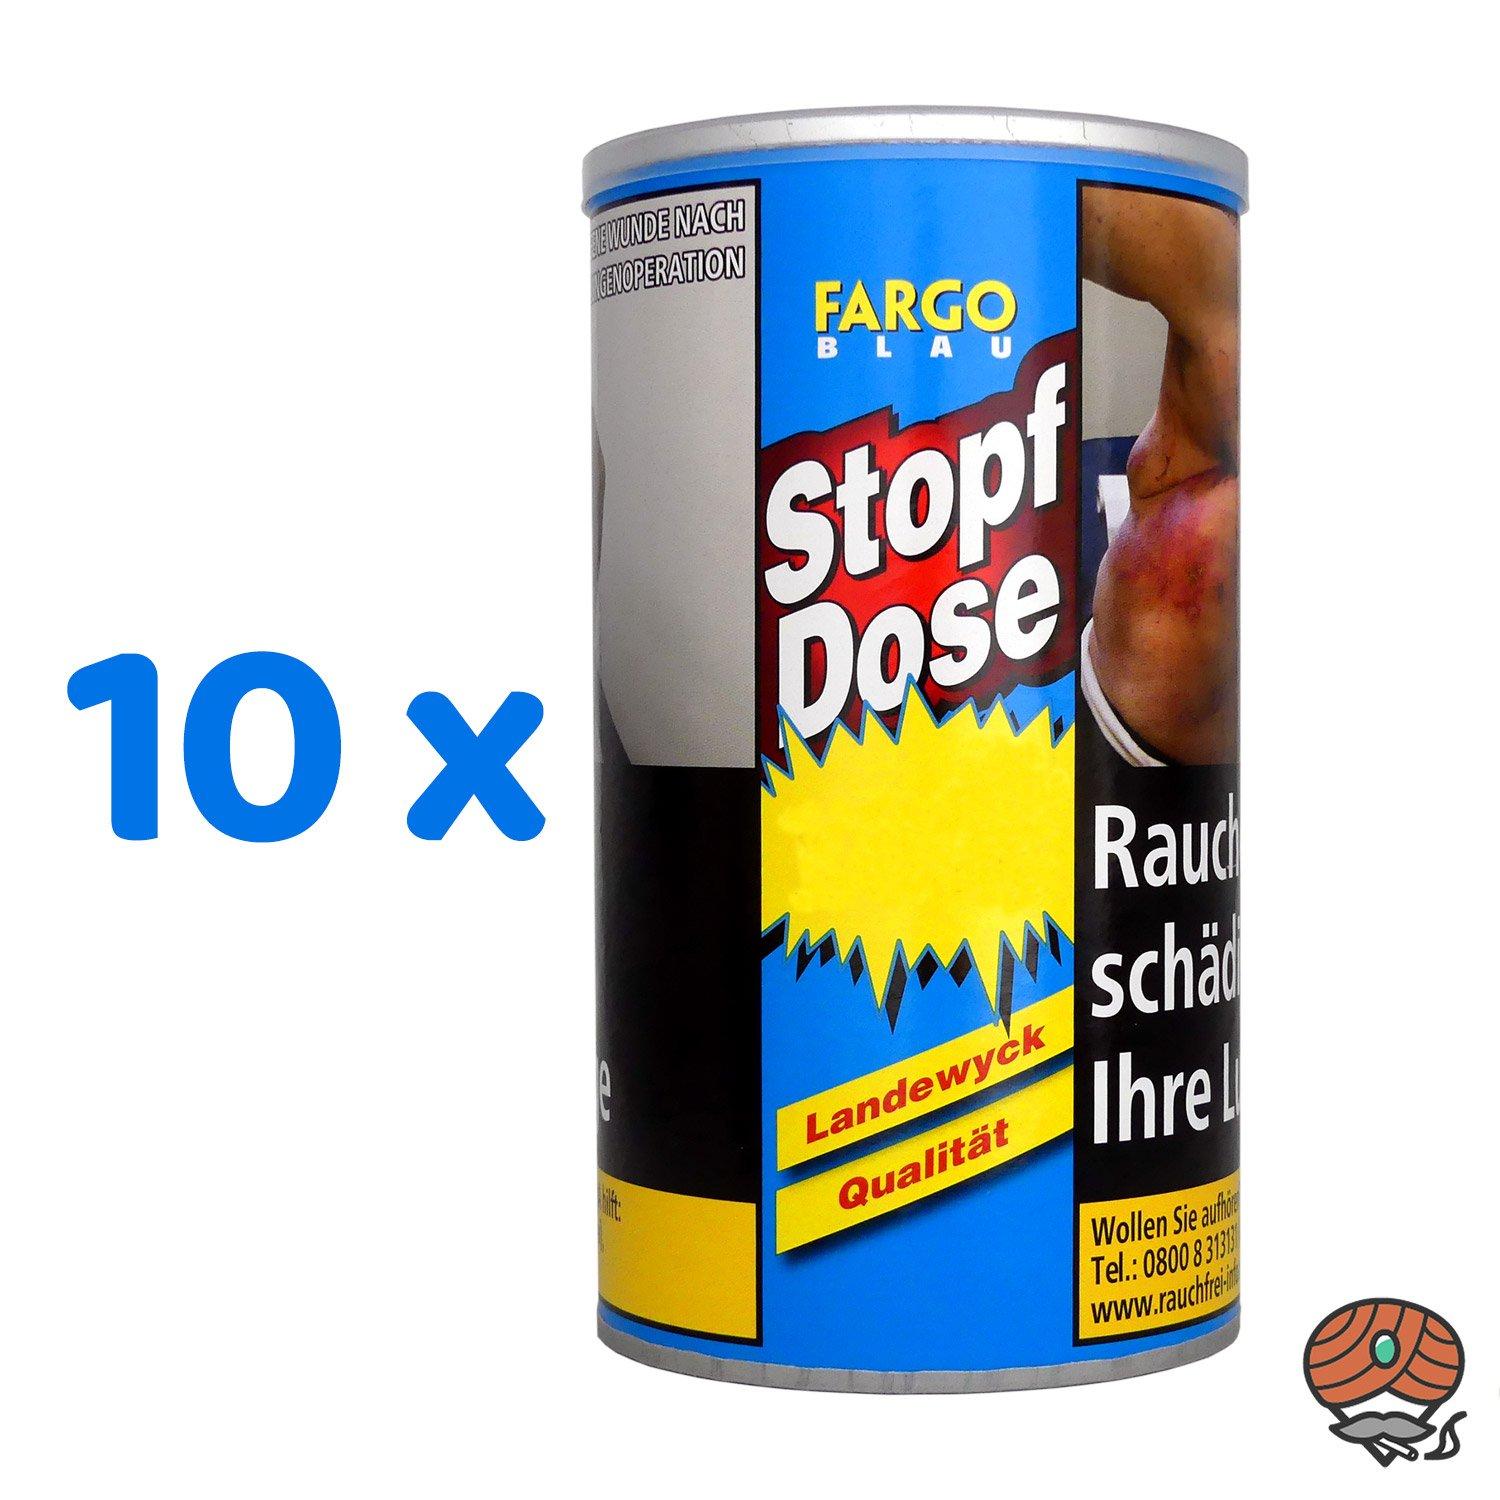 10 x Fargo Blau XXL Stopf-Dose à 140 g Feinschnitt-Tabak